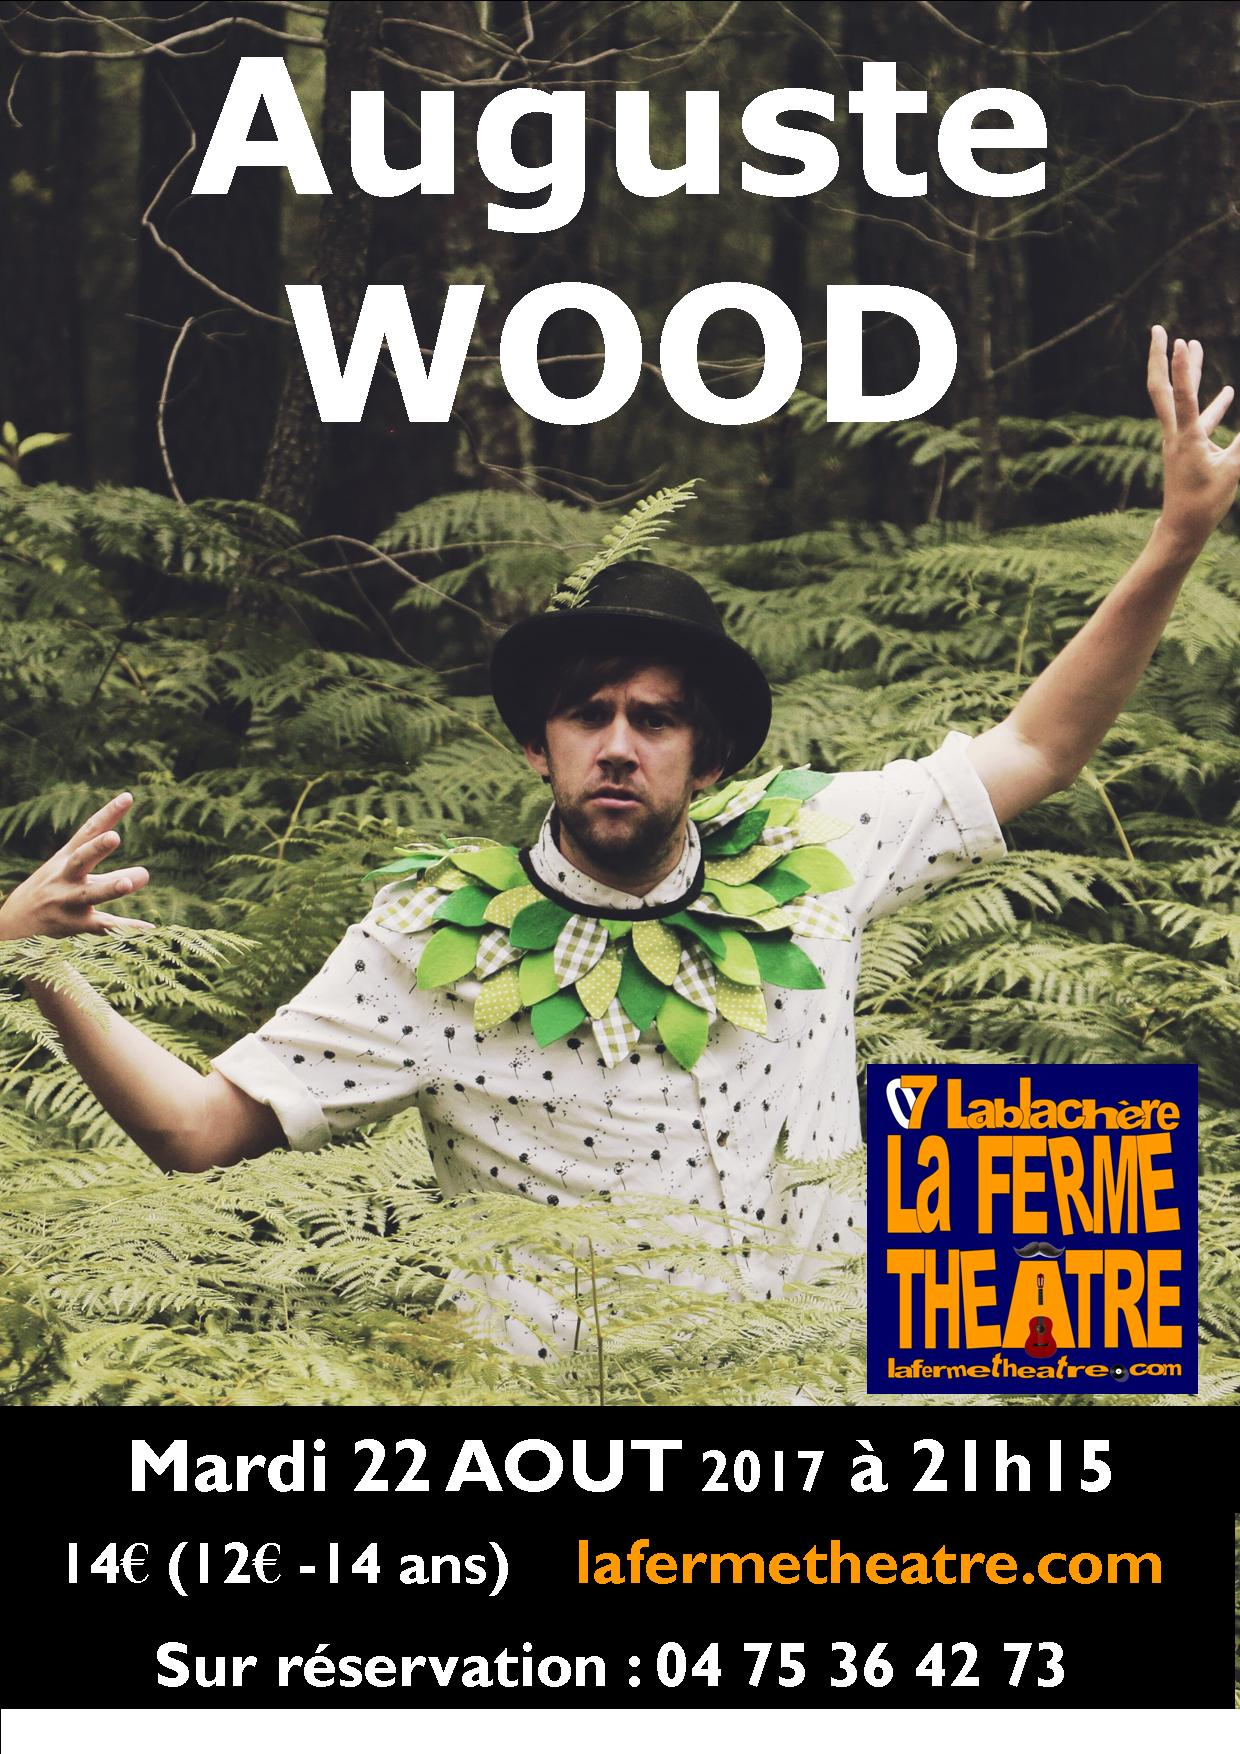 20170822 auguste wood